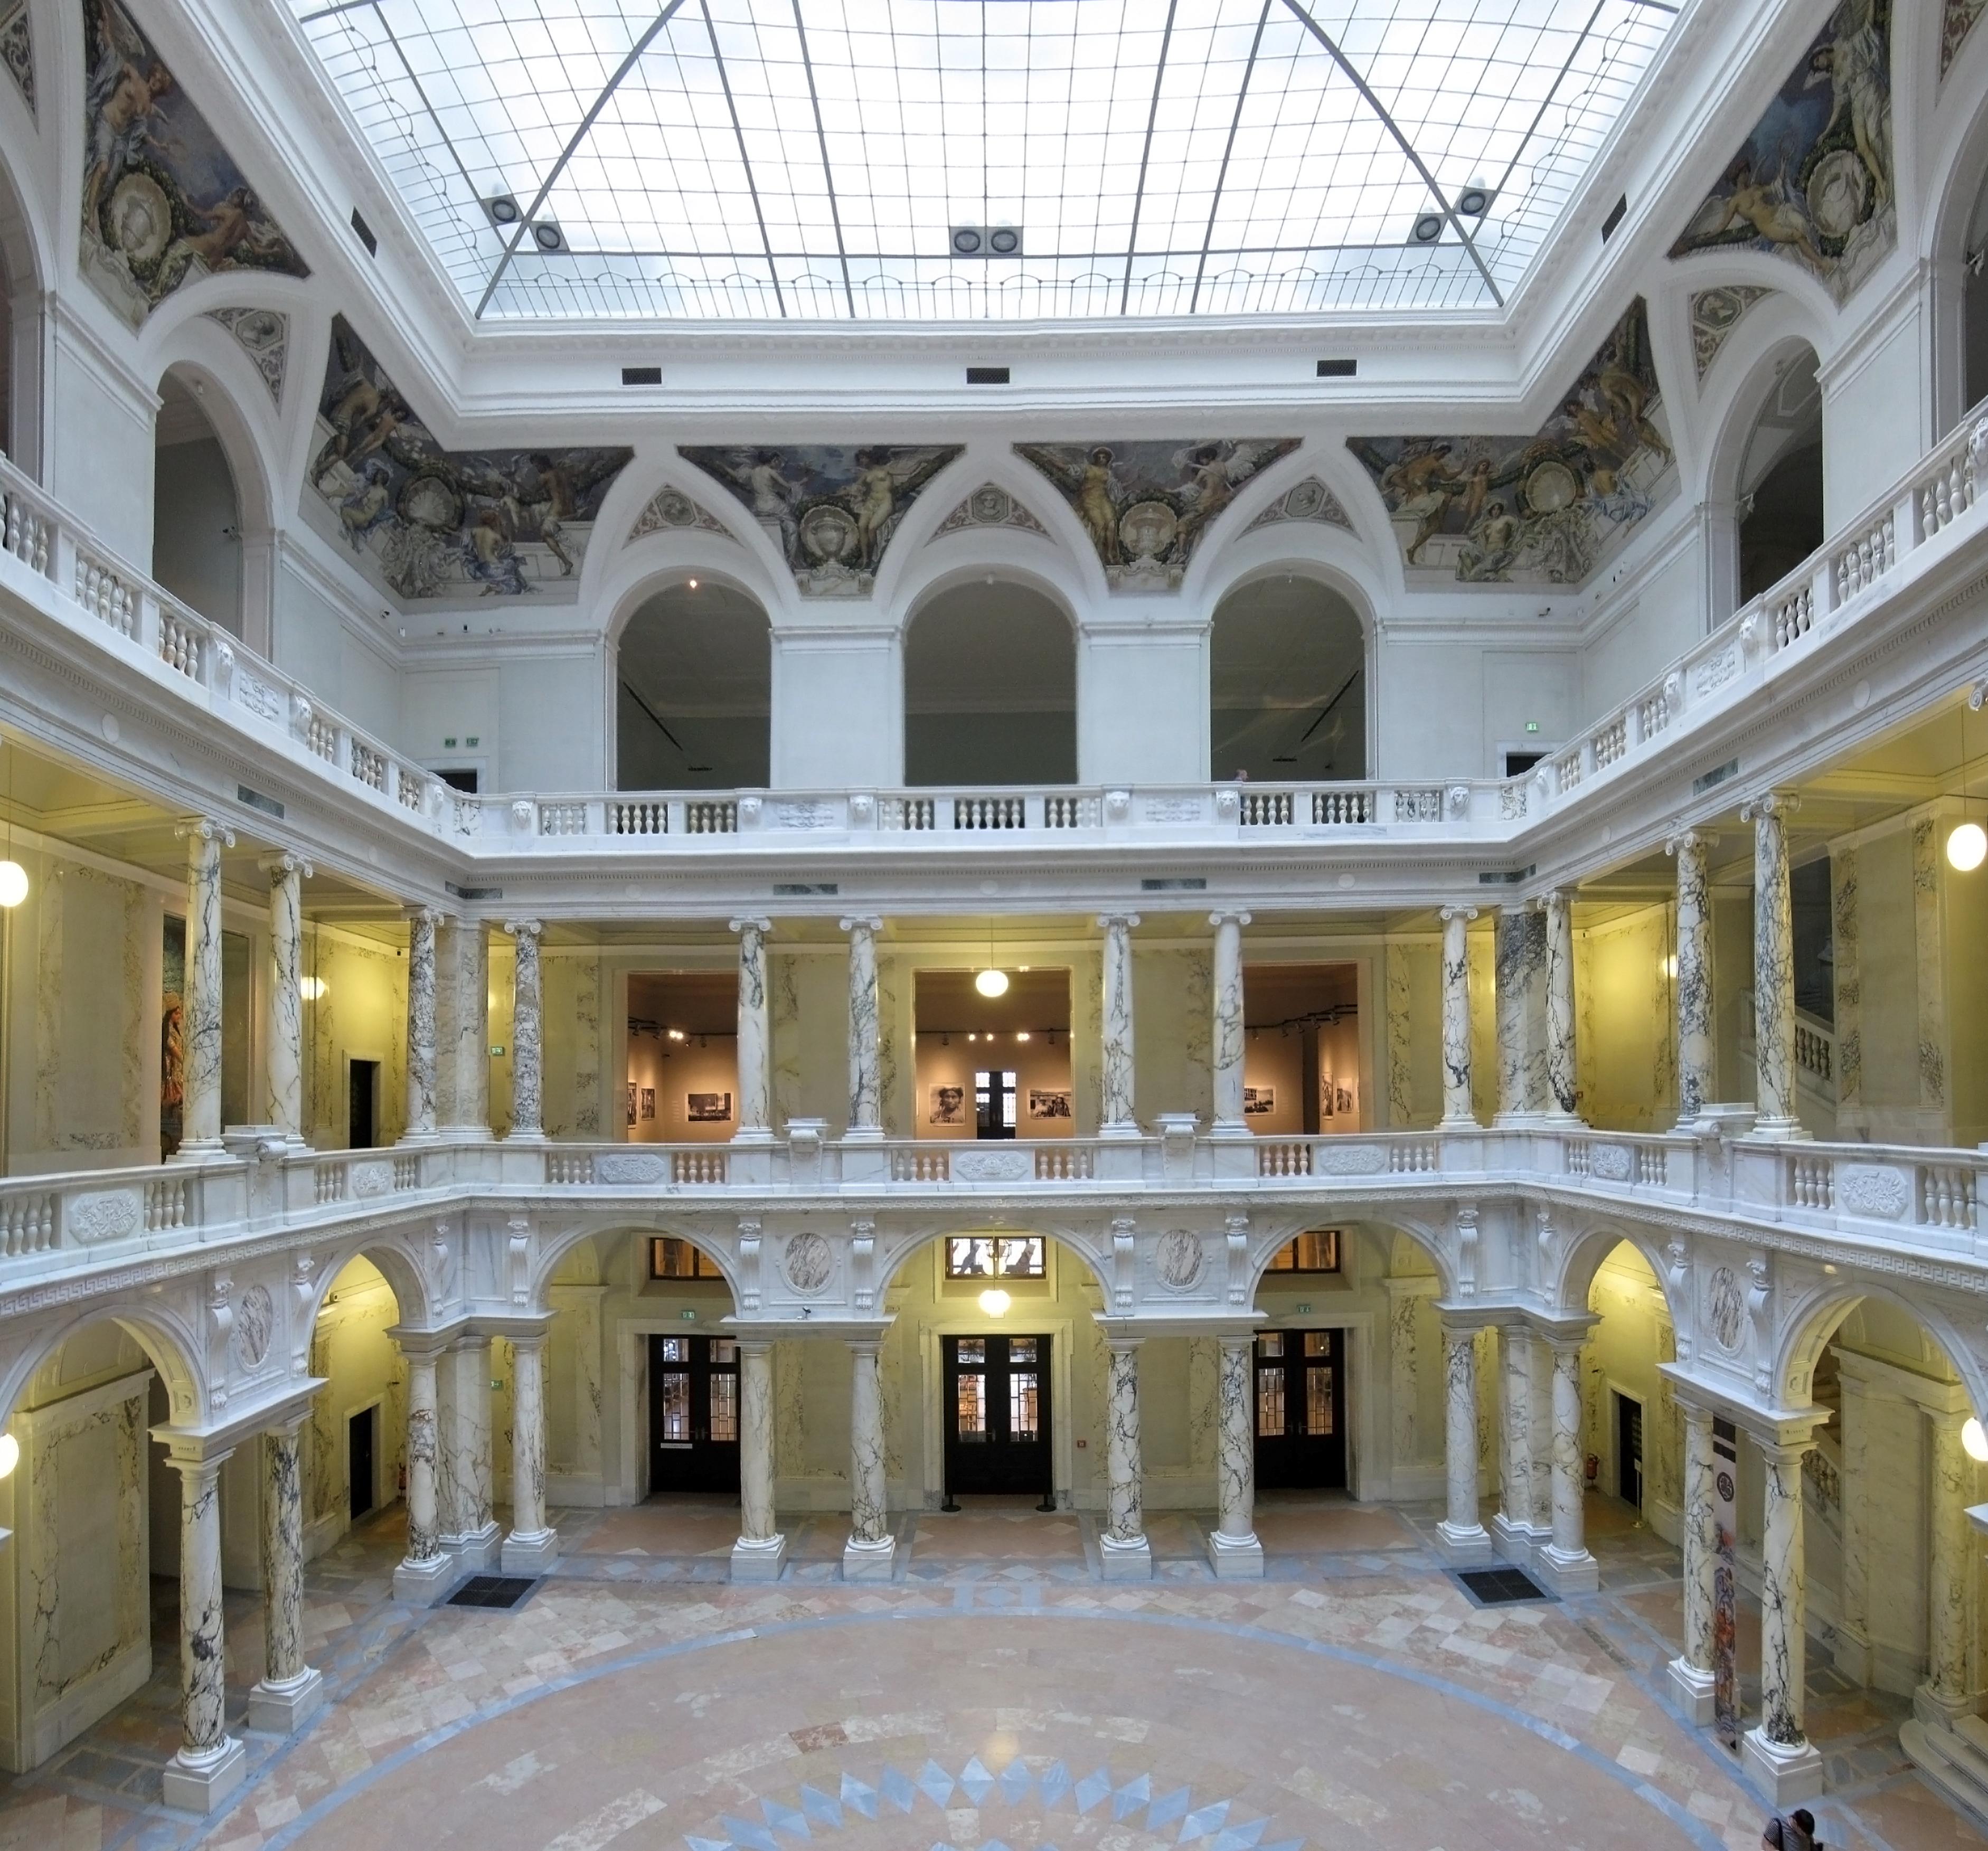 Bildergebnis für Weltmuseum Wien Bilder